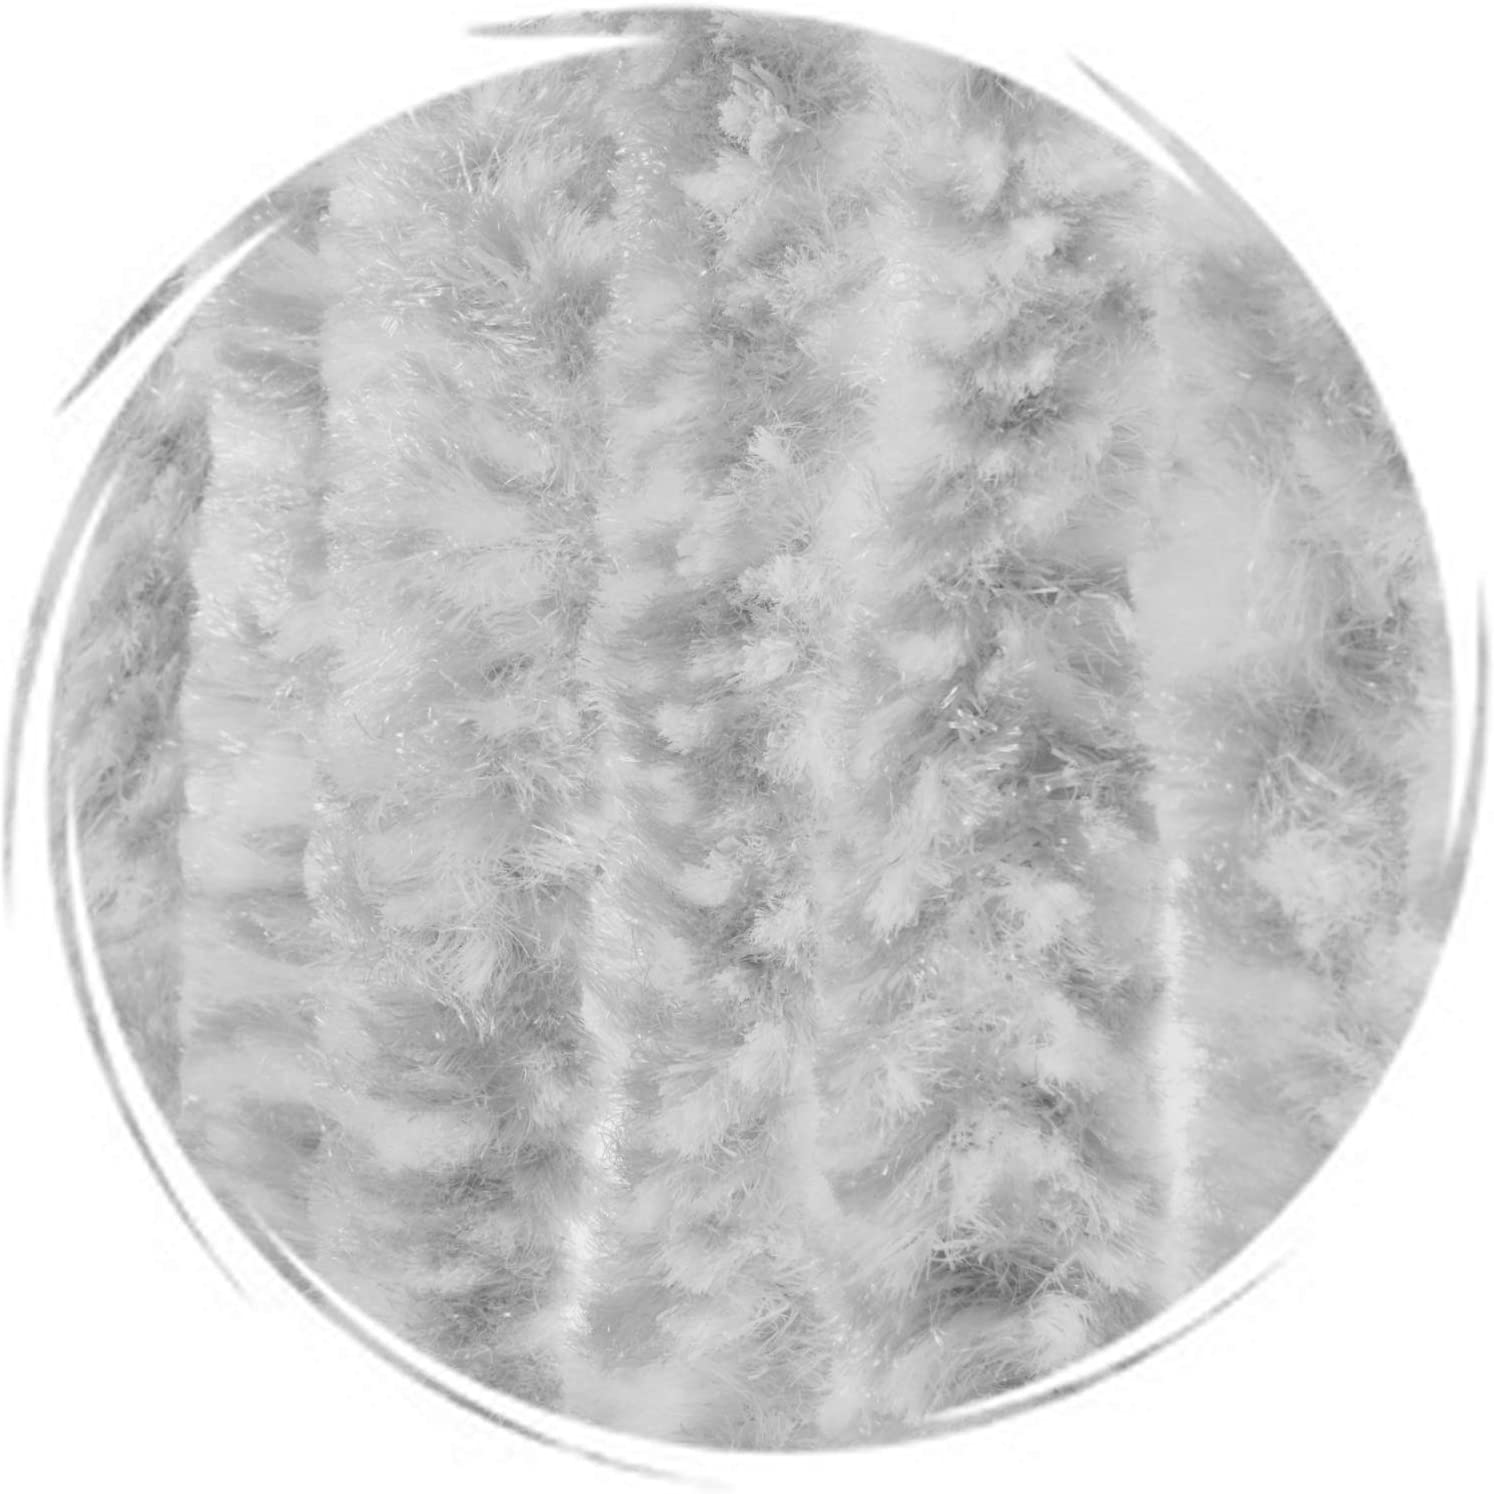 Protection de vos espaces int/érieurs Anti-Insectes Longueur et Largeur ajustables grand choix de couleur Rideau de porte Chenille de qualit/é sup/érieure Mix bleu//gris//blanc, 100 x 240 cm